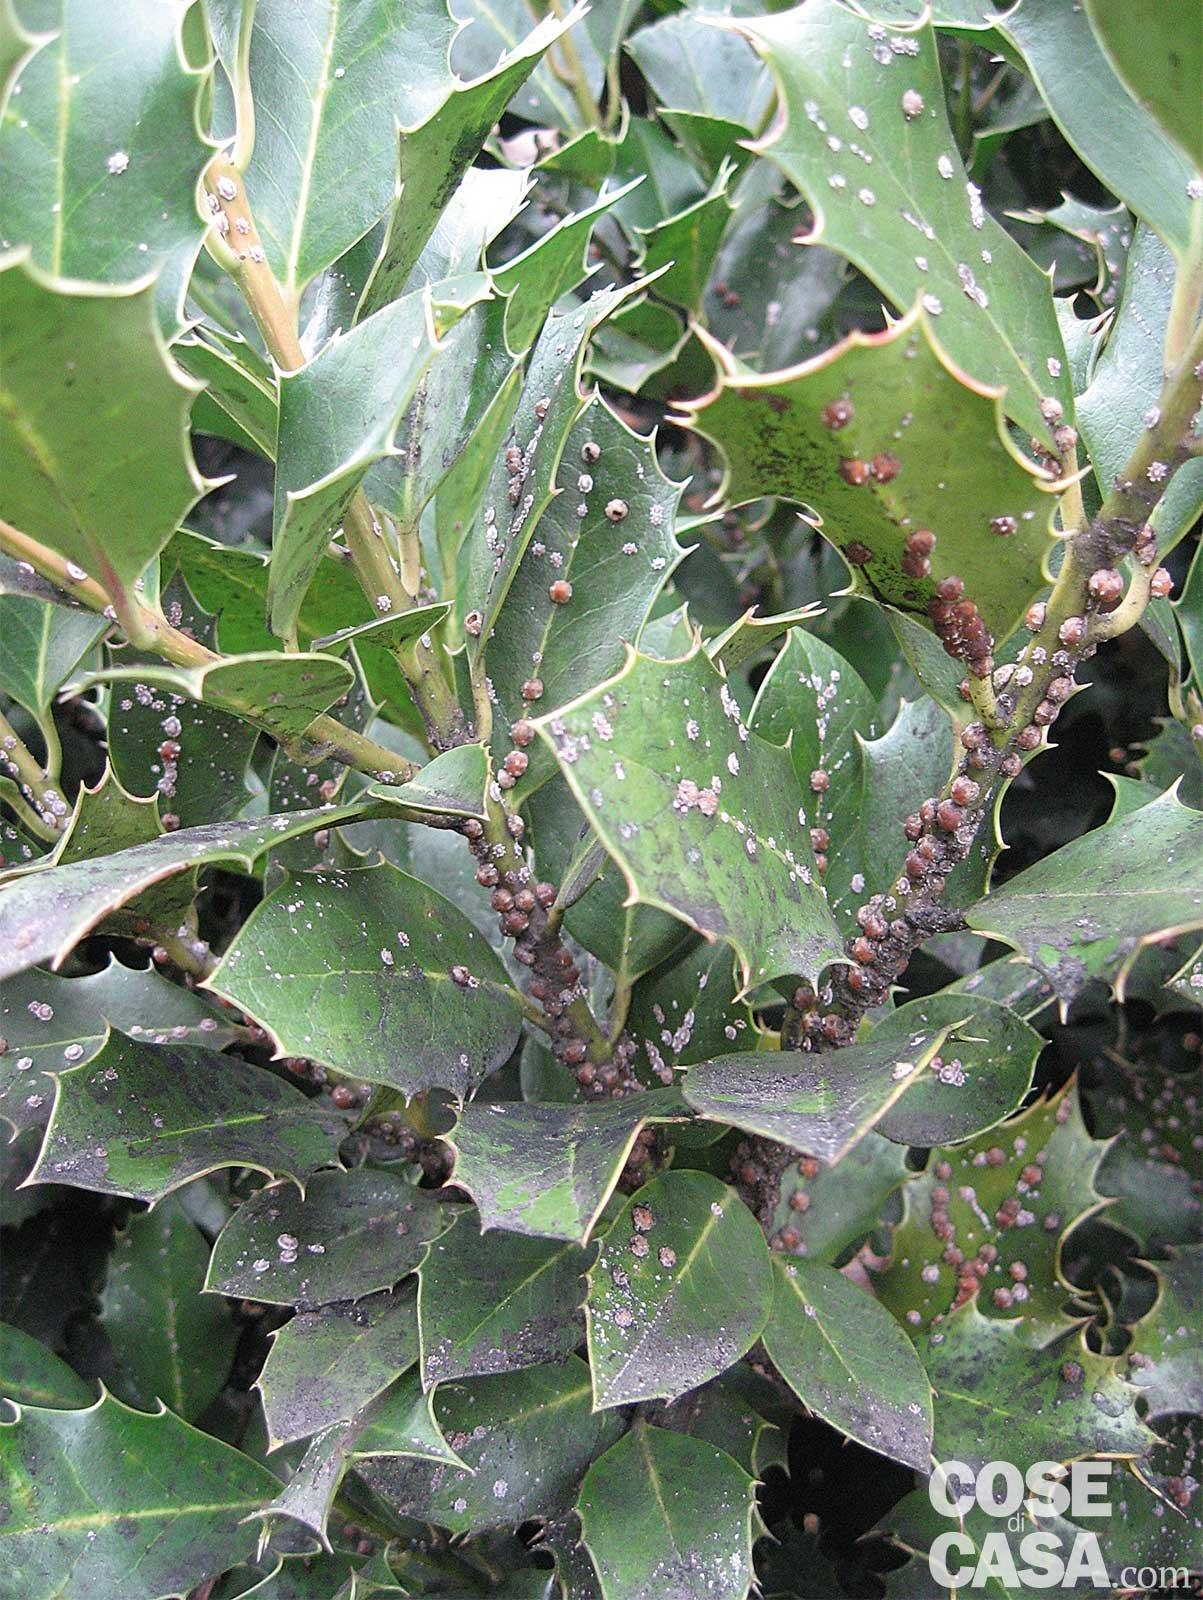 Lotta invernale ai parassiti delle piante cose di casa for Parassiti piante